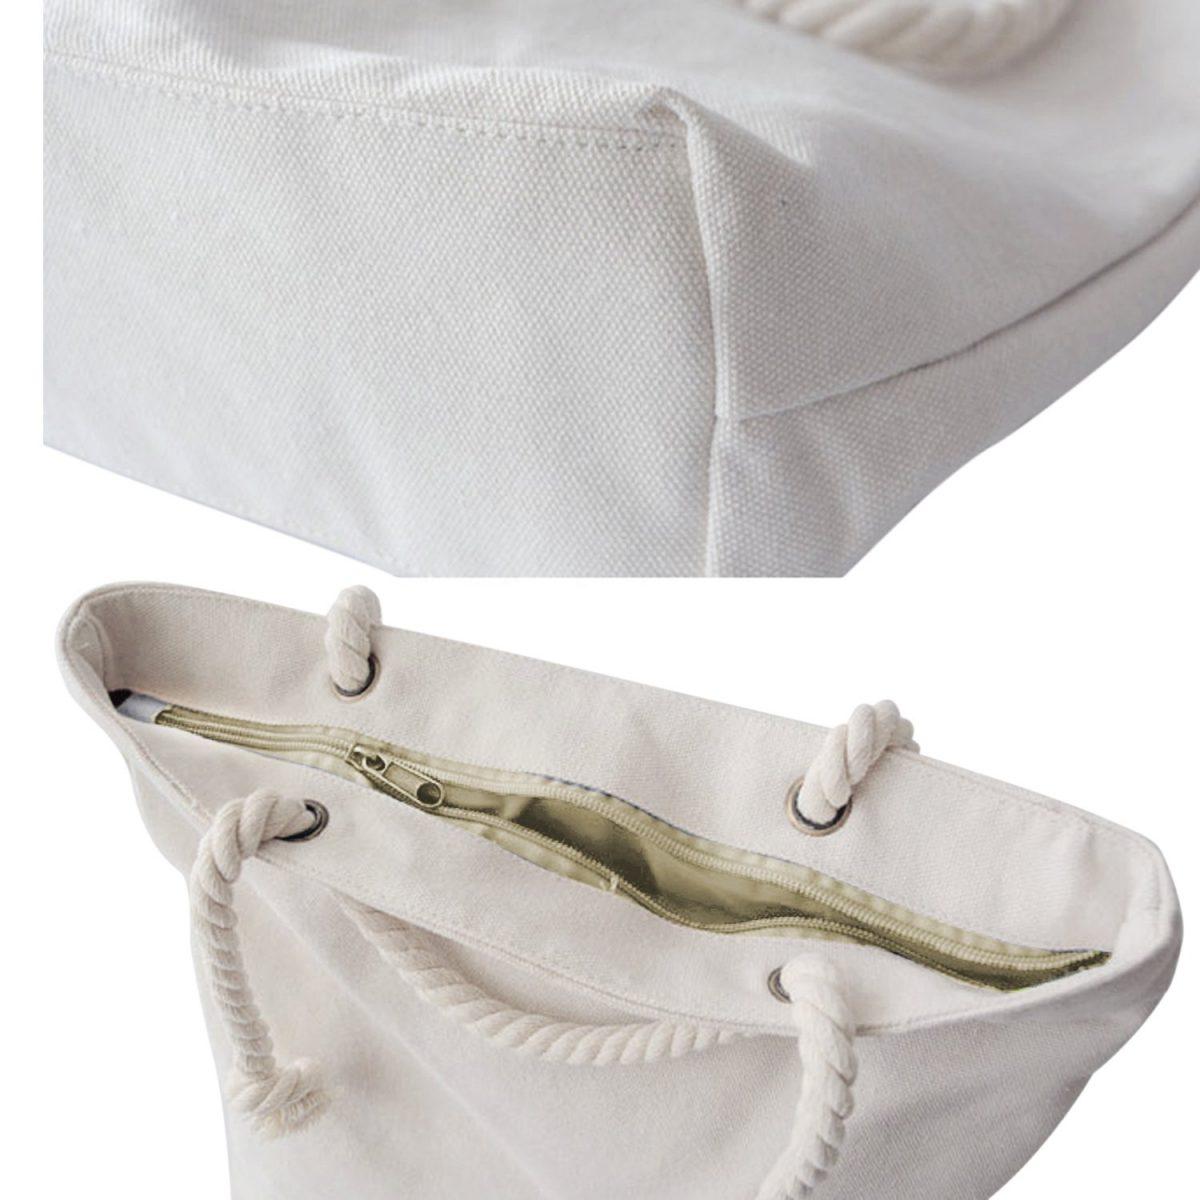 Özel Tasarım Suluboya Amazon Desenli Dijital Baskılı Kumaş Çanta Realhomes